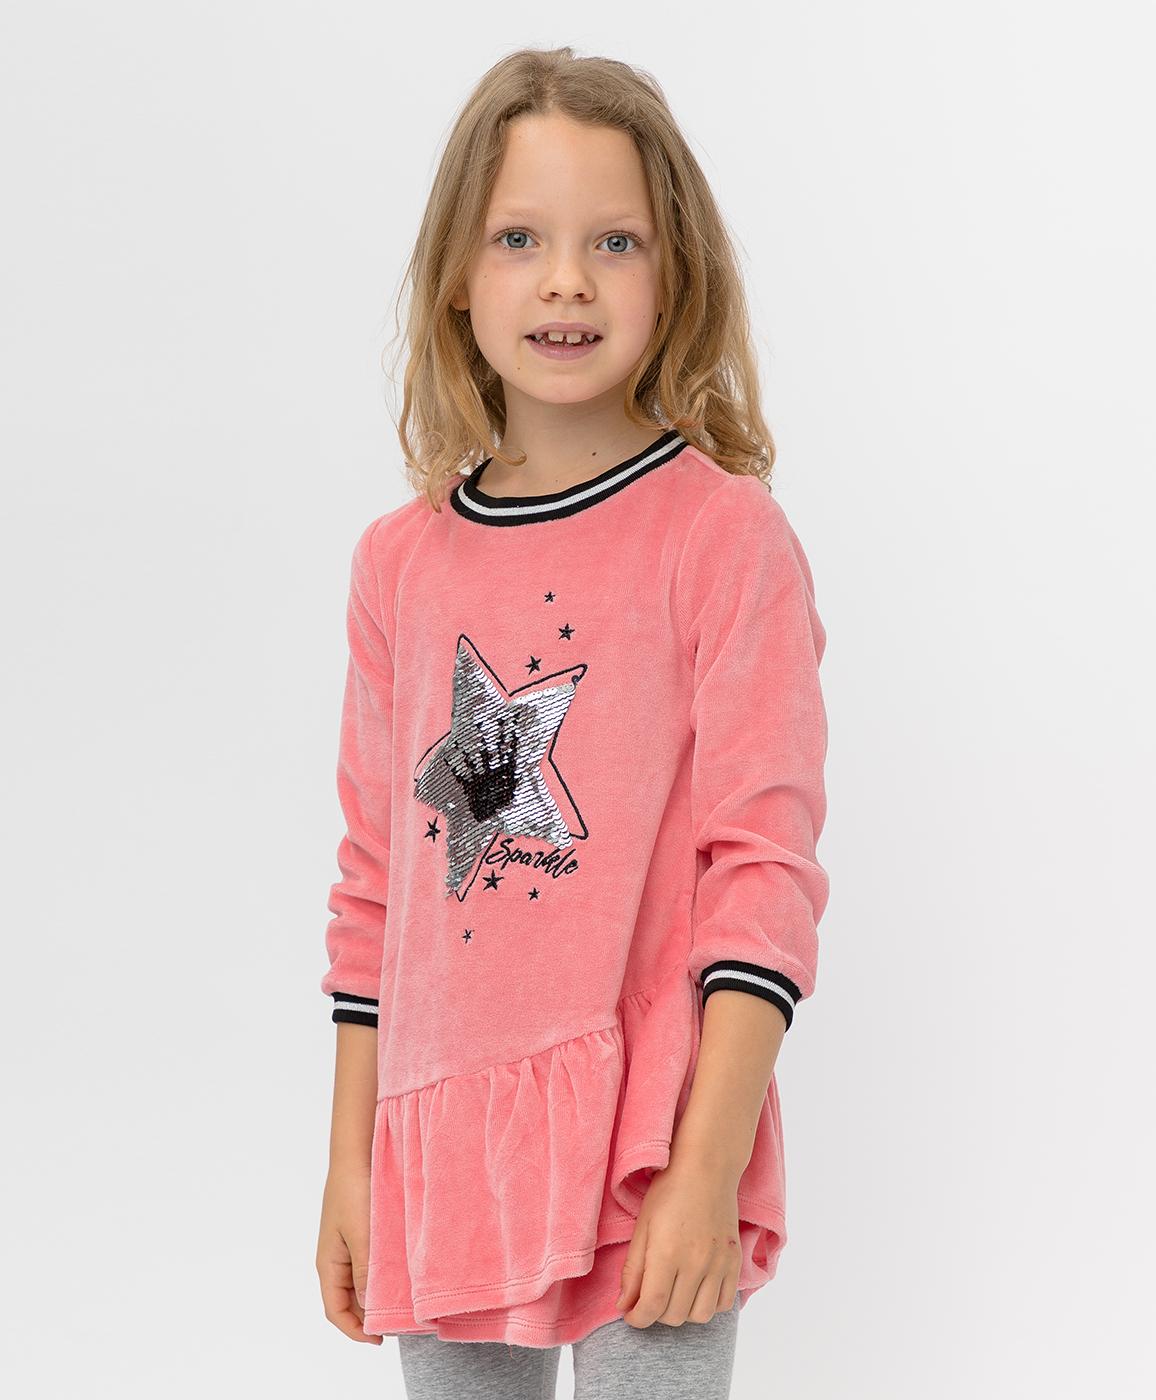 Купить 220BBGMC50031200, Розовое платье с пайетками Button Blue, розовый, 104, Велюр, Женский, Зима, ОСЕНЬ/ЗИМА 2020-2021 (shop: GulliverMarket Gulliver Market)